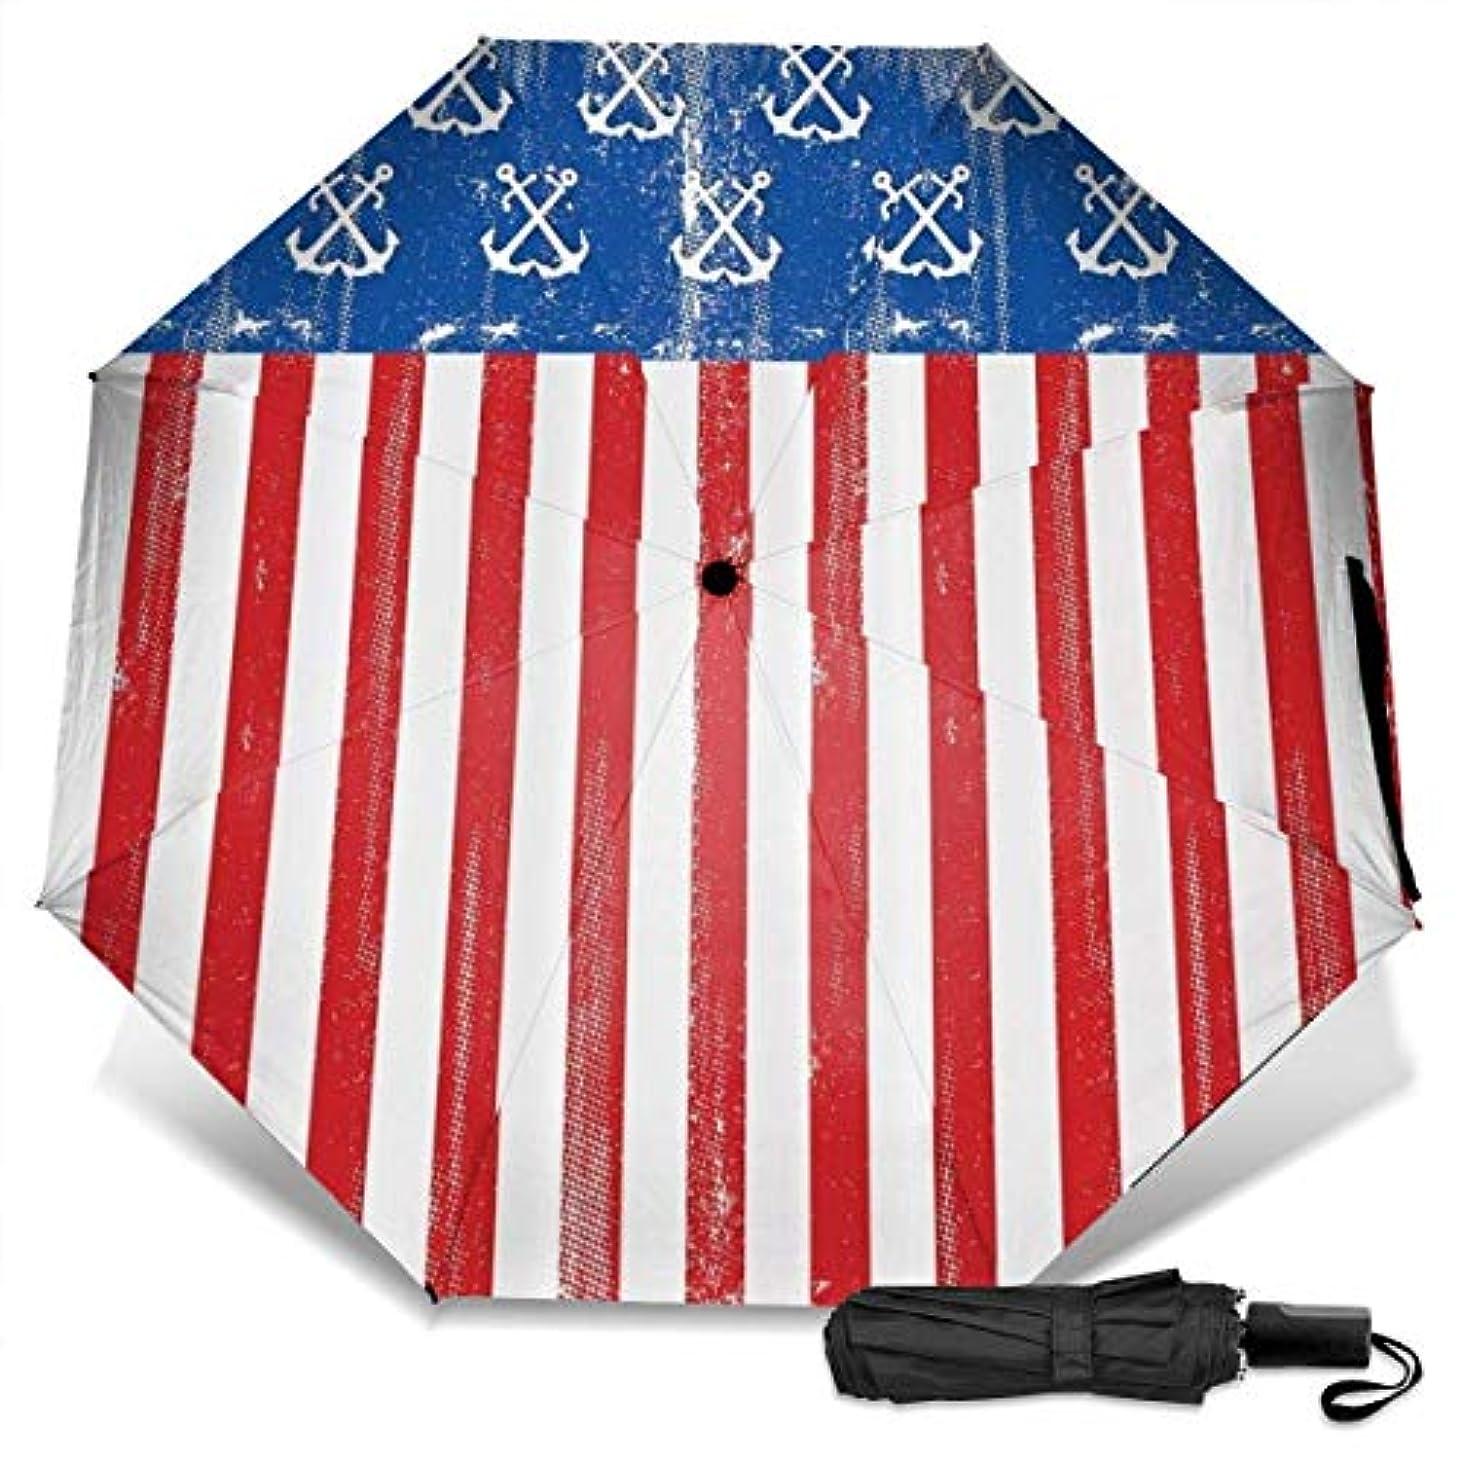 下品盆入学するアンカーとストライプヴィンテージとアメリカアメリカ国旗折りたたみ傘 軽量 手動三つ折り傘 日傘 耐風撥水 晴雨兼用 遮光遮熱 紫外線対策 携帯用かさ 出張旅行通勤 女性と男性用 (黒ゴム)